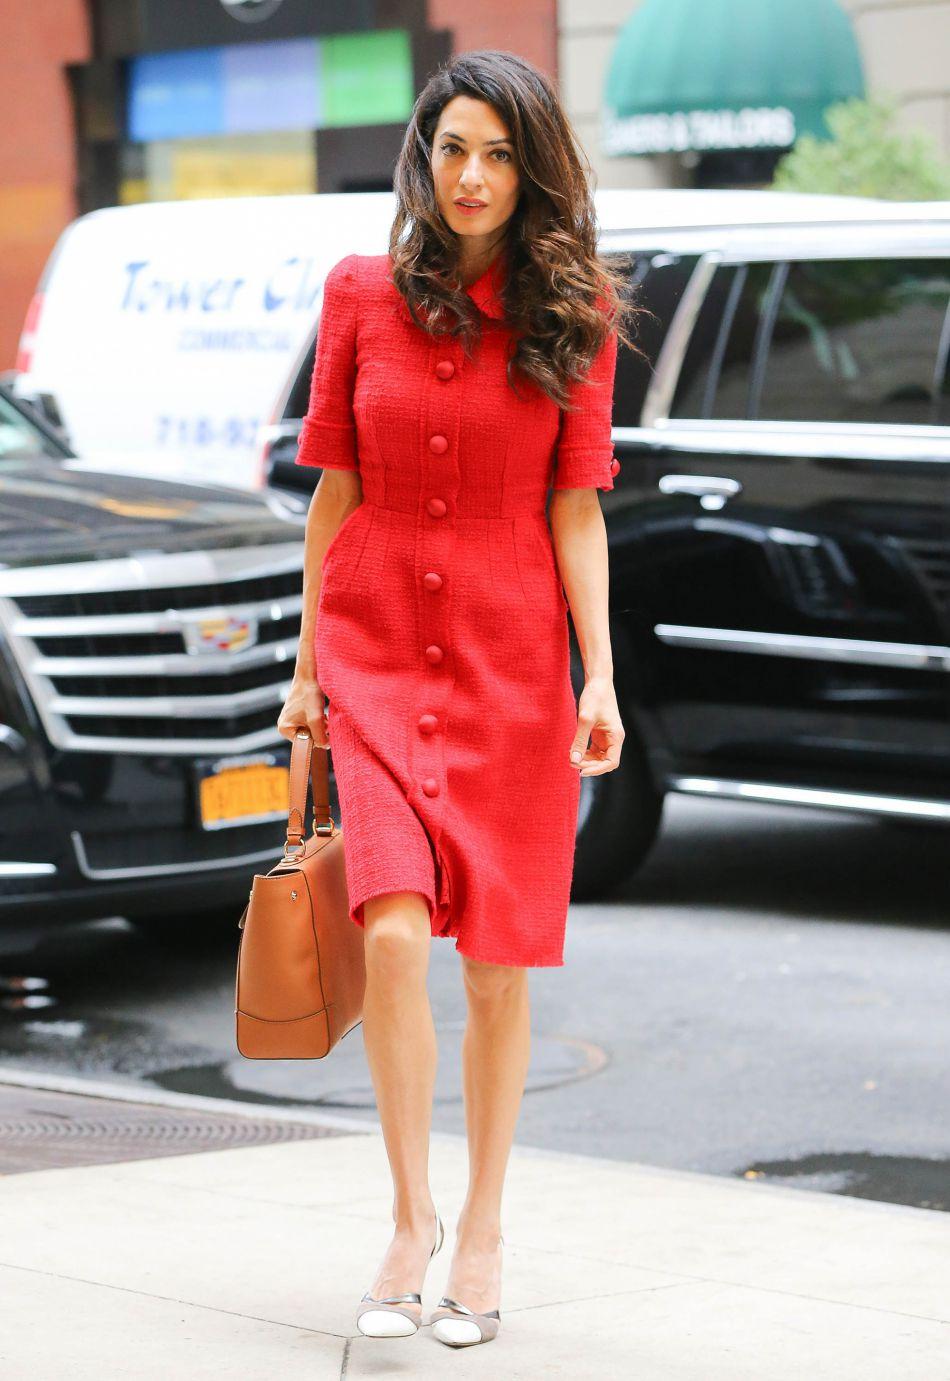 Sublime et chic dans sa robe Dolce & Gabbana, Amal Alamuddin est la parfaite Première dame.